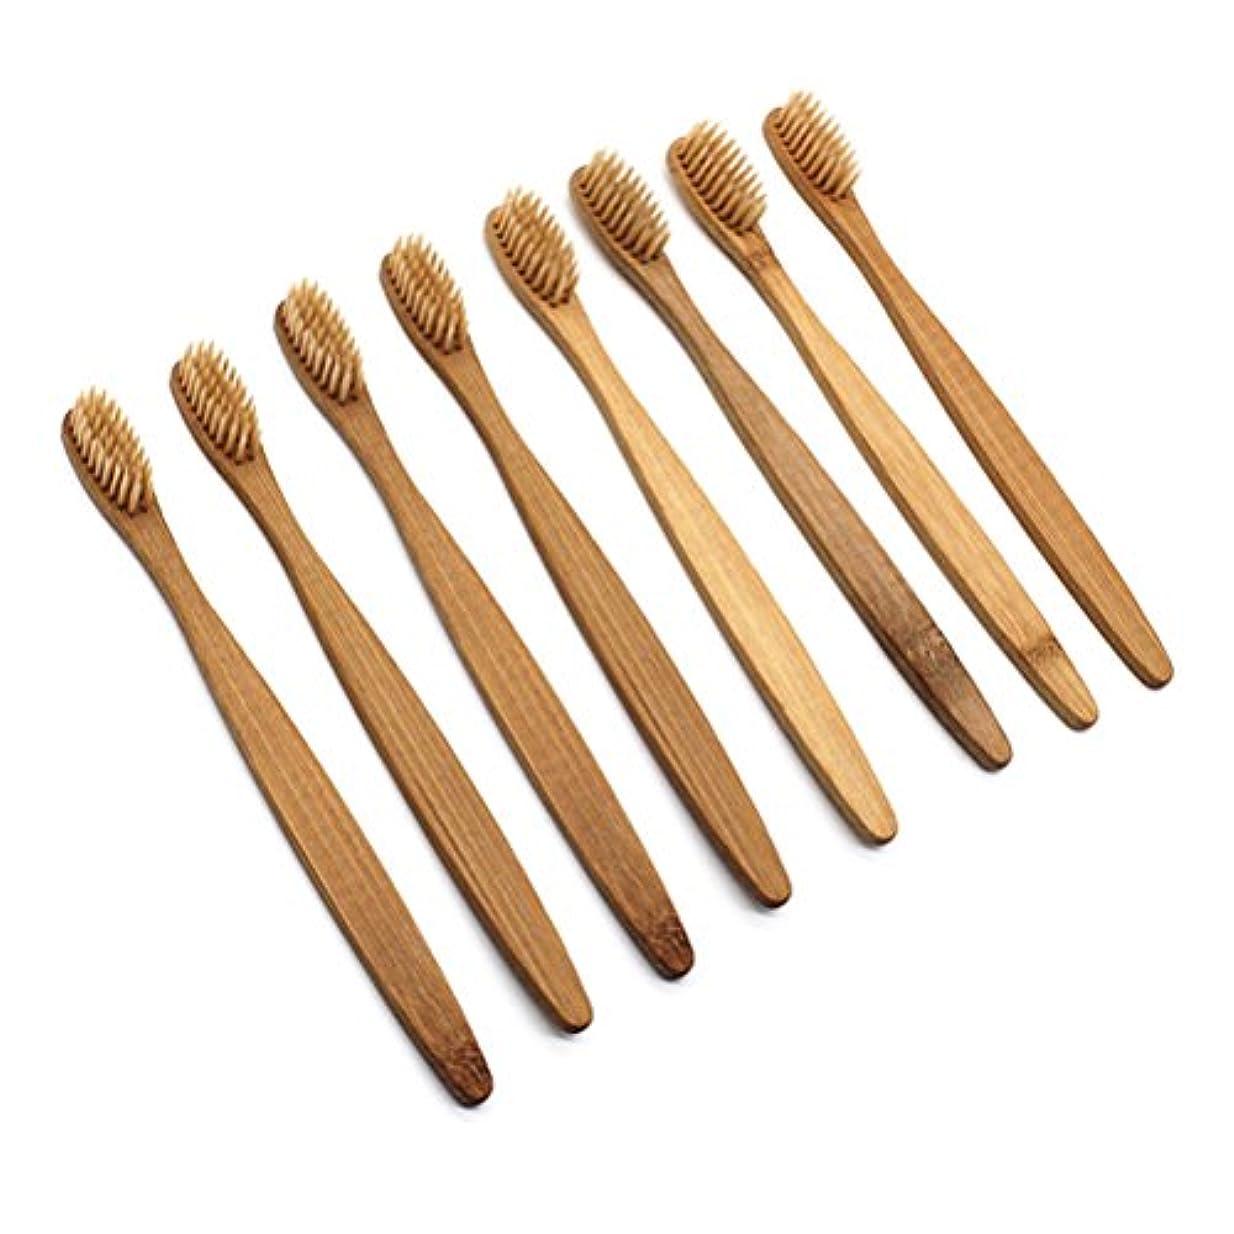 詳細な割る腹Heallily 敏感な歯茎のための柔らかい剛毛が付いているタケ歯ブラシ16pcsの自然な木の歯ブラシ環境に優しい歯ブラシ